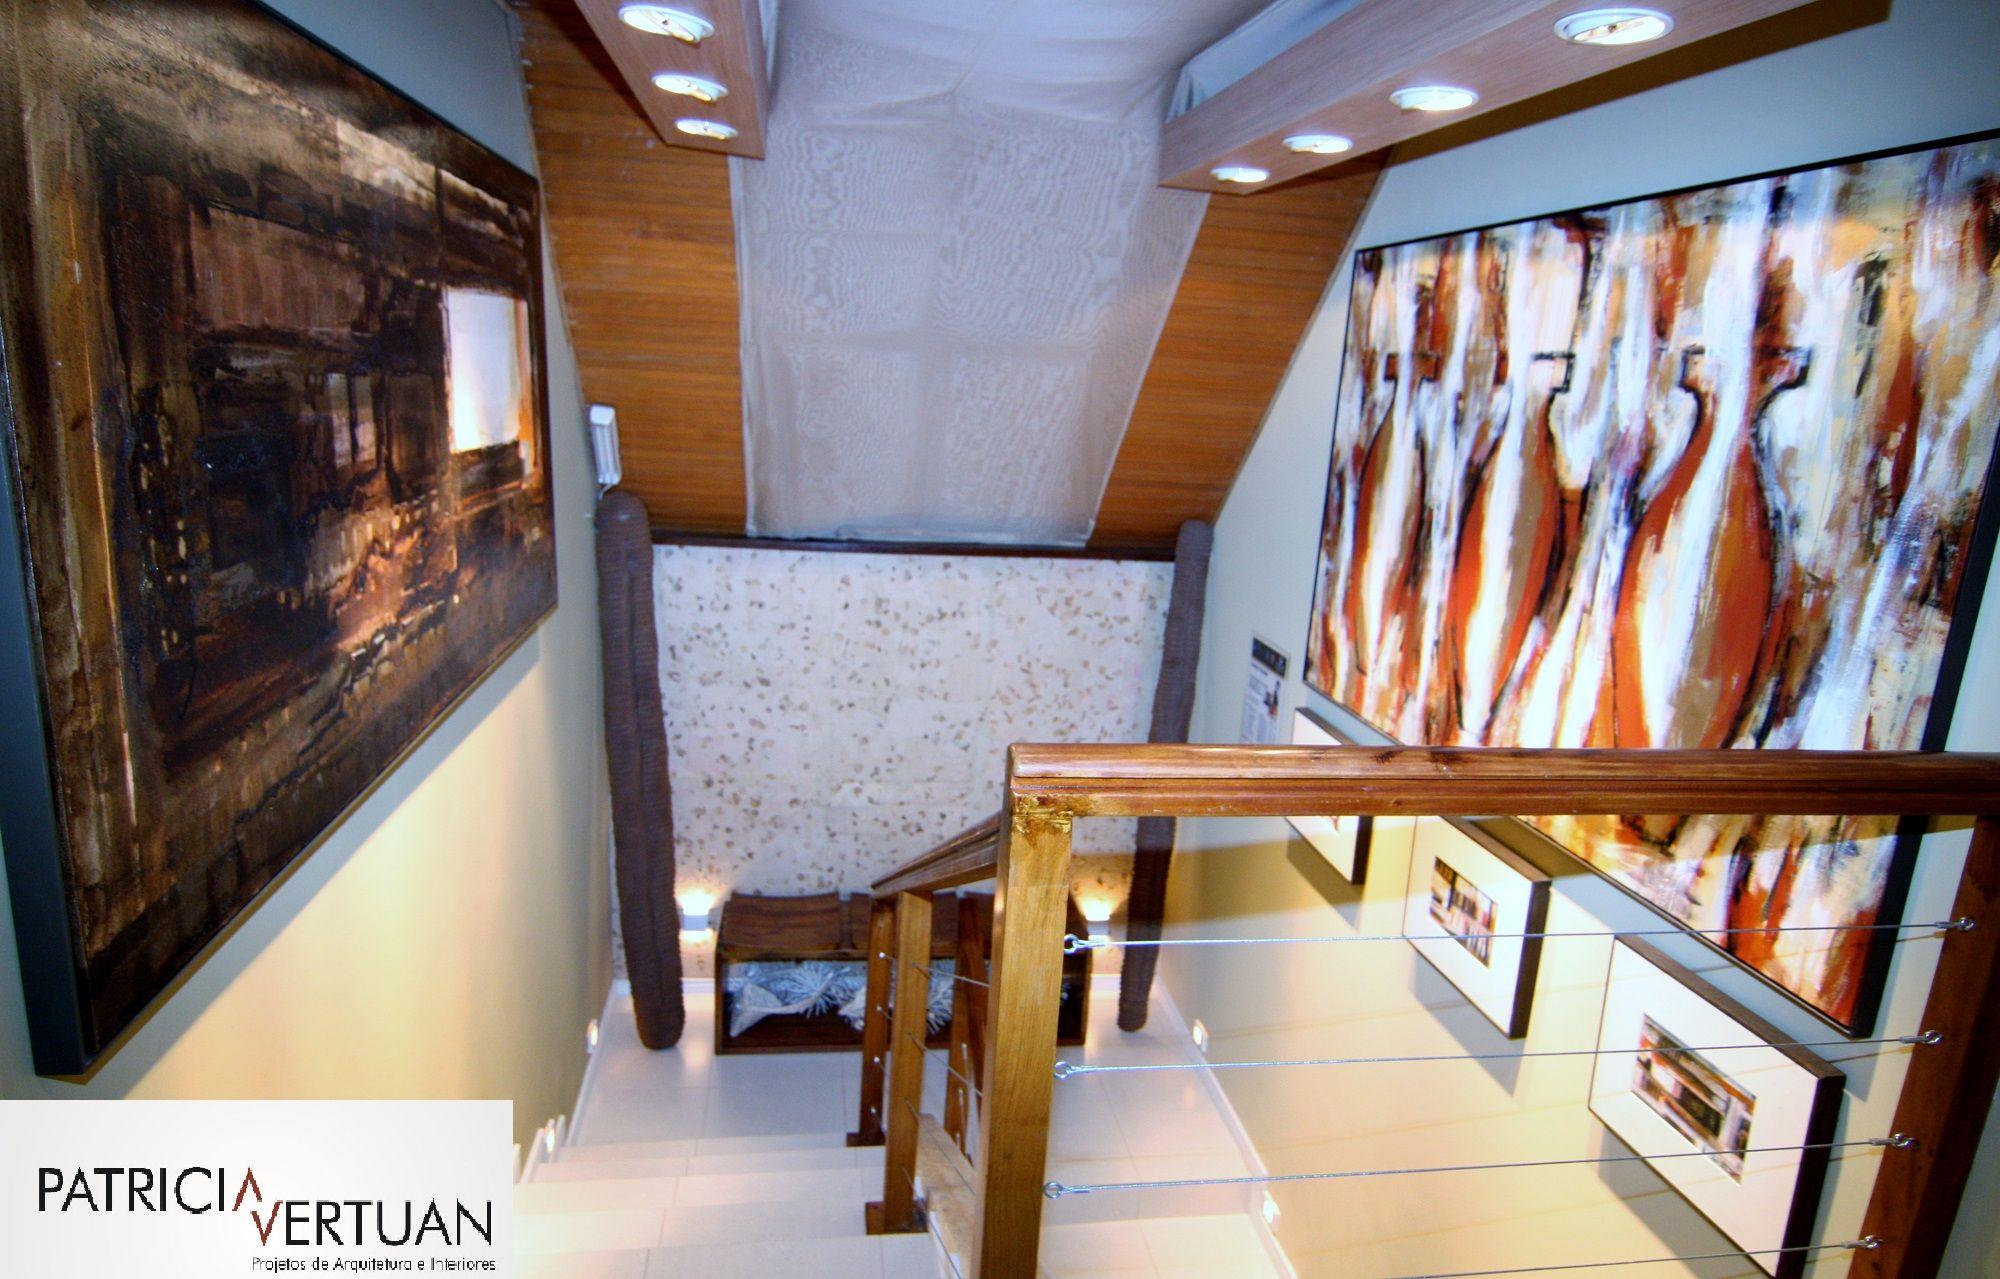 Escada com piso em porcelanato, guarda corpo e corrimão feito em madeira e cabos de aço. Forro em madeira e aplicação de tecido.